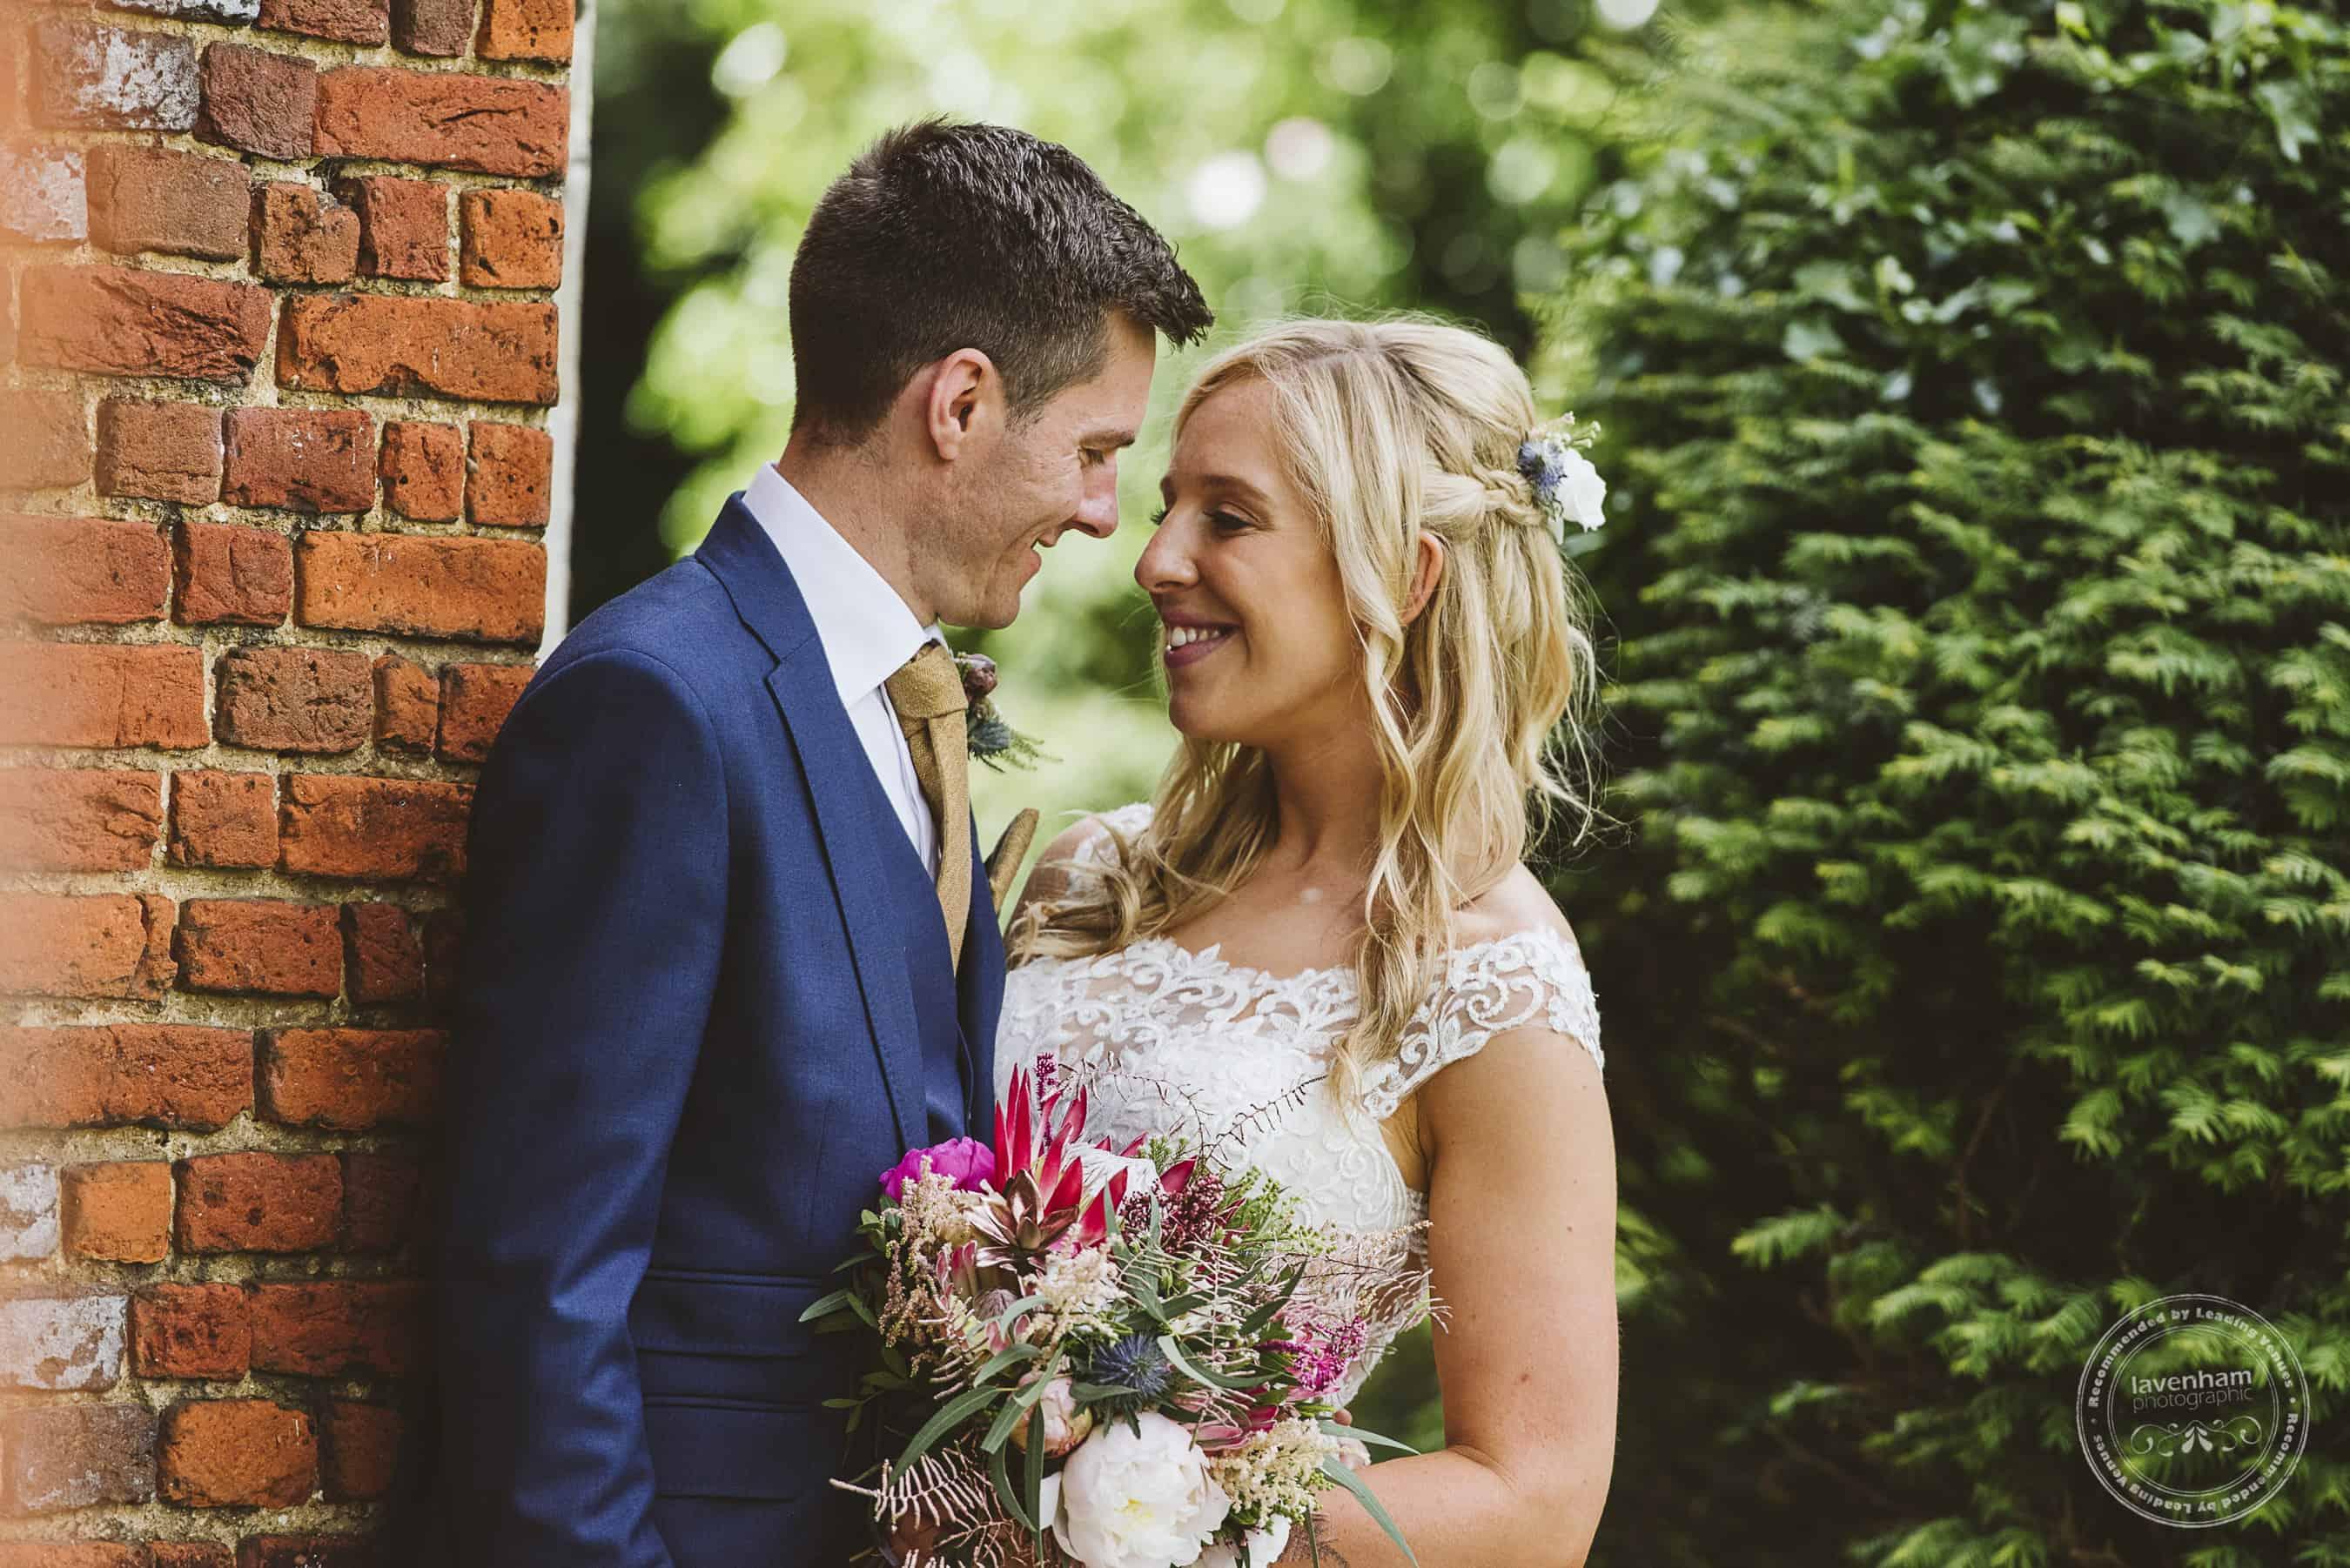 020618 Leez Priory Wedding Photography Lavenham Photographic 103